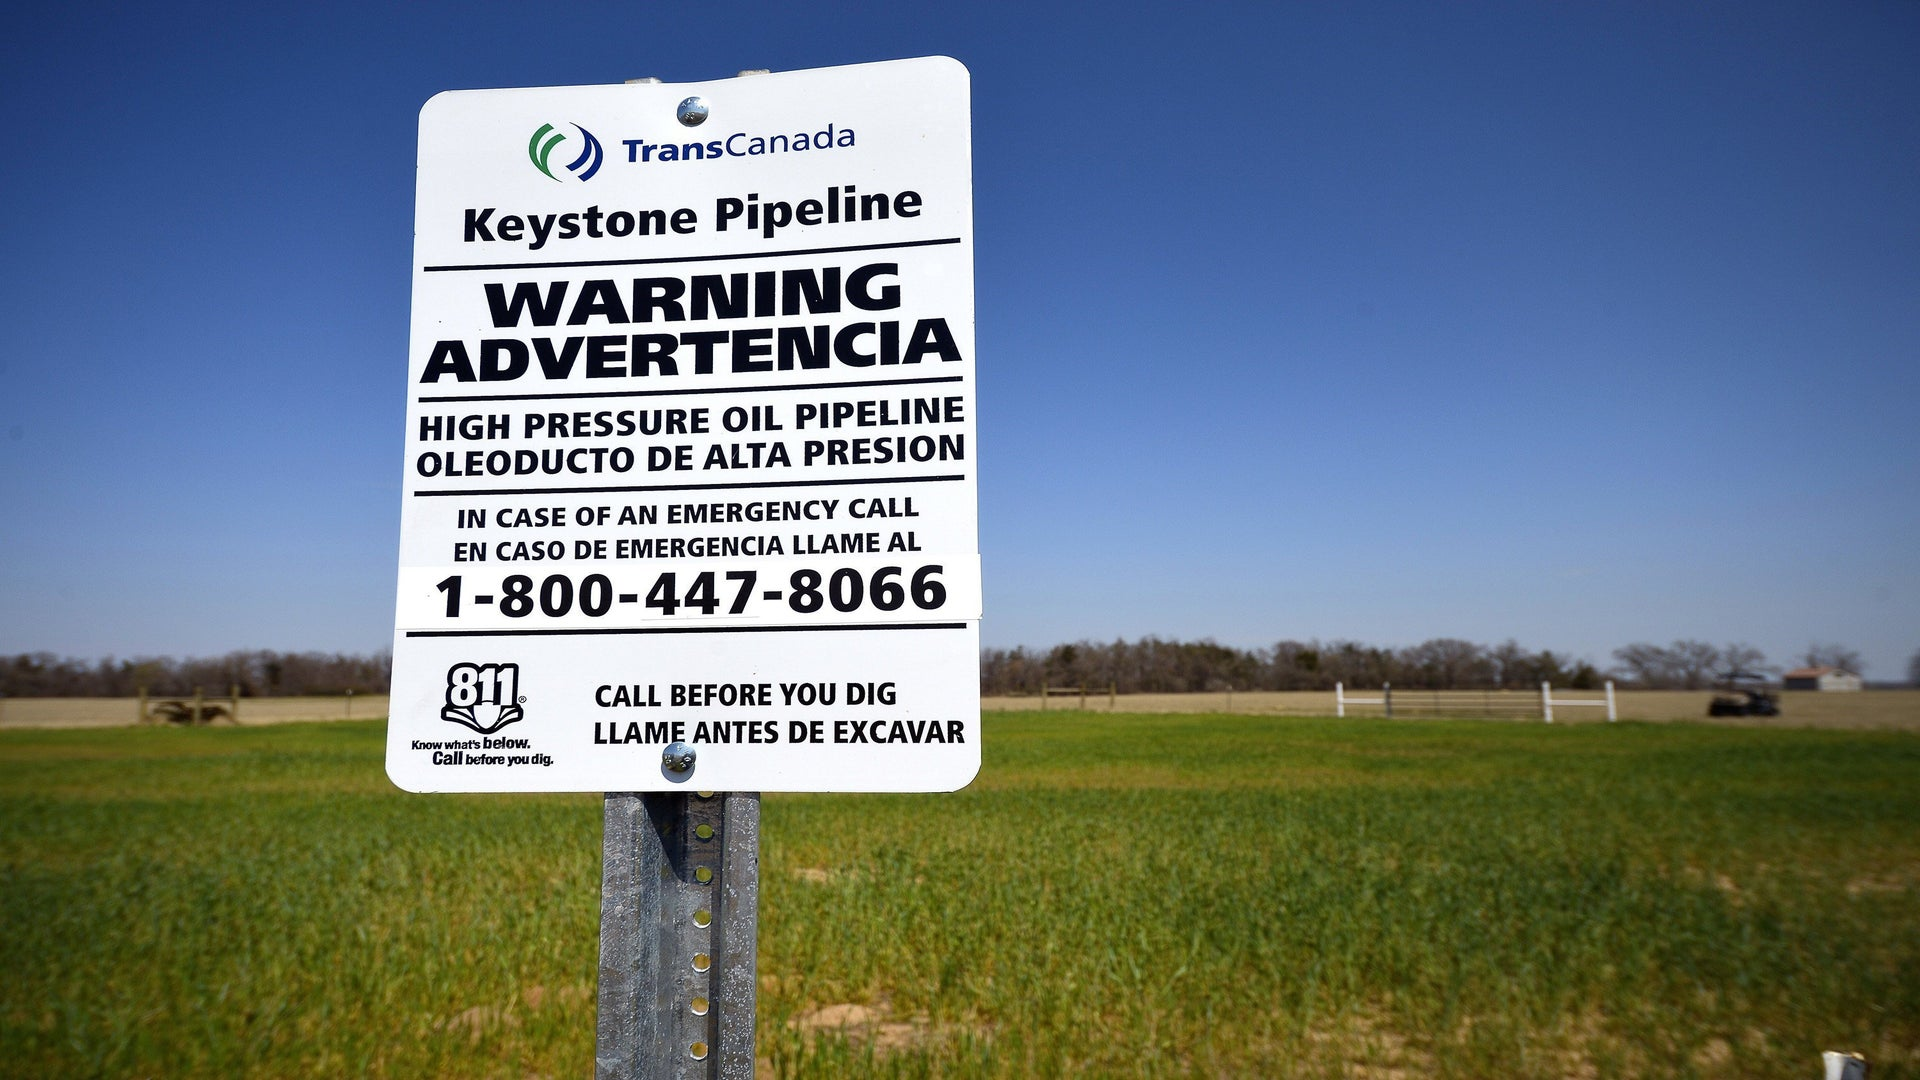 Keystone Pipeline Leaks 210,000 Gallons Of Oil In South Dakota